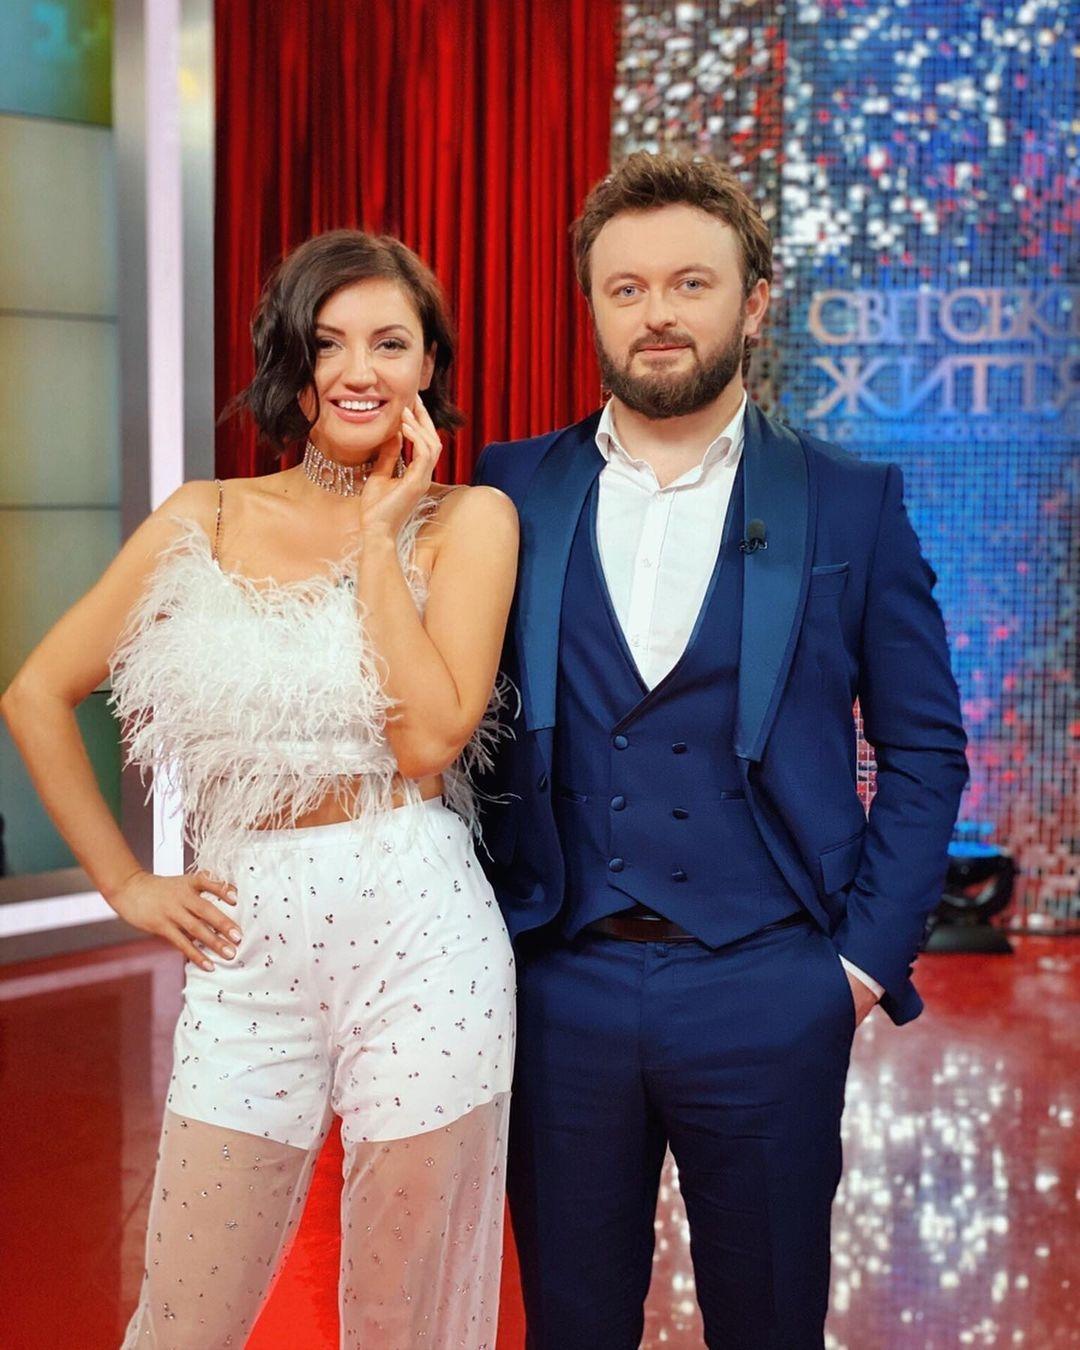 Оля Цибульская рассказала об угрозах, которые получала от жены DZIDZIO - фото №3